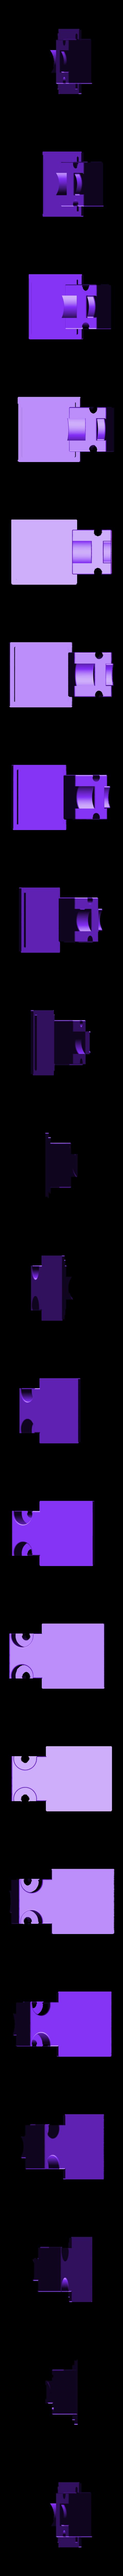 hotend_fan_houder2.stl Télécharger fichier STL gratuit Configuration Hotend pour routeur personnalisé • Modèle pour impression 3D, Job